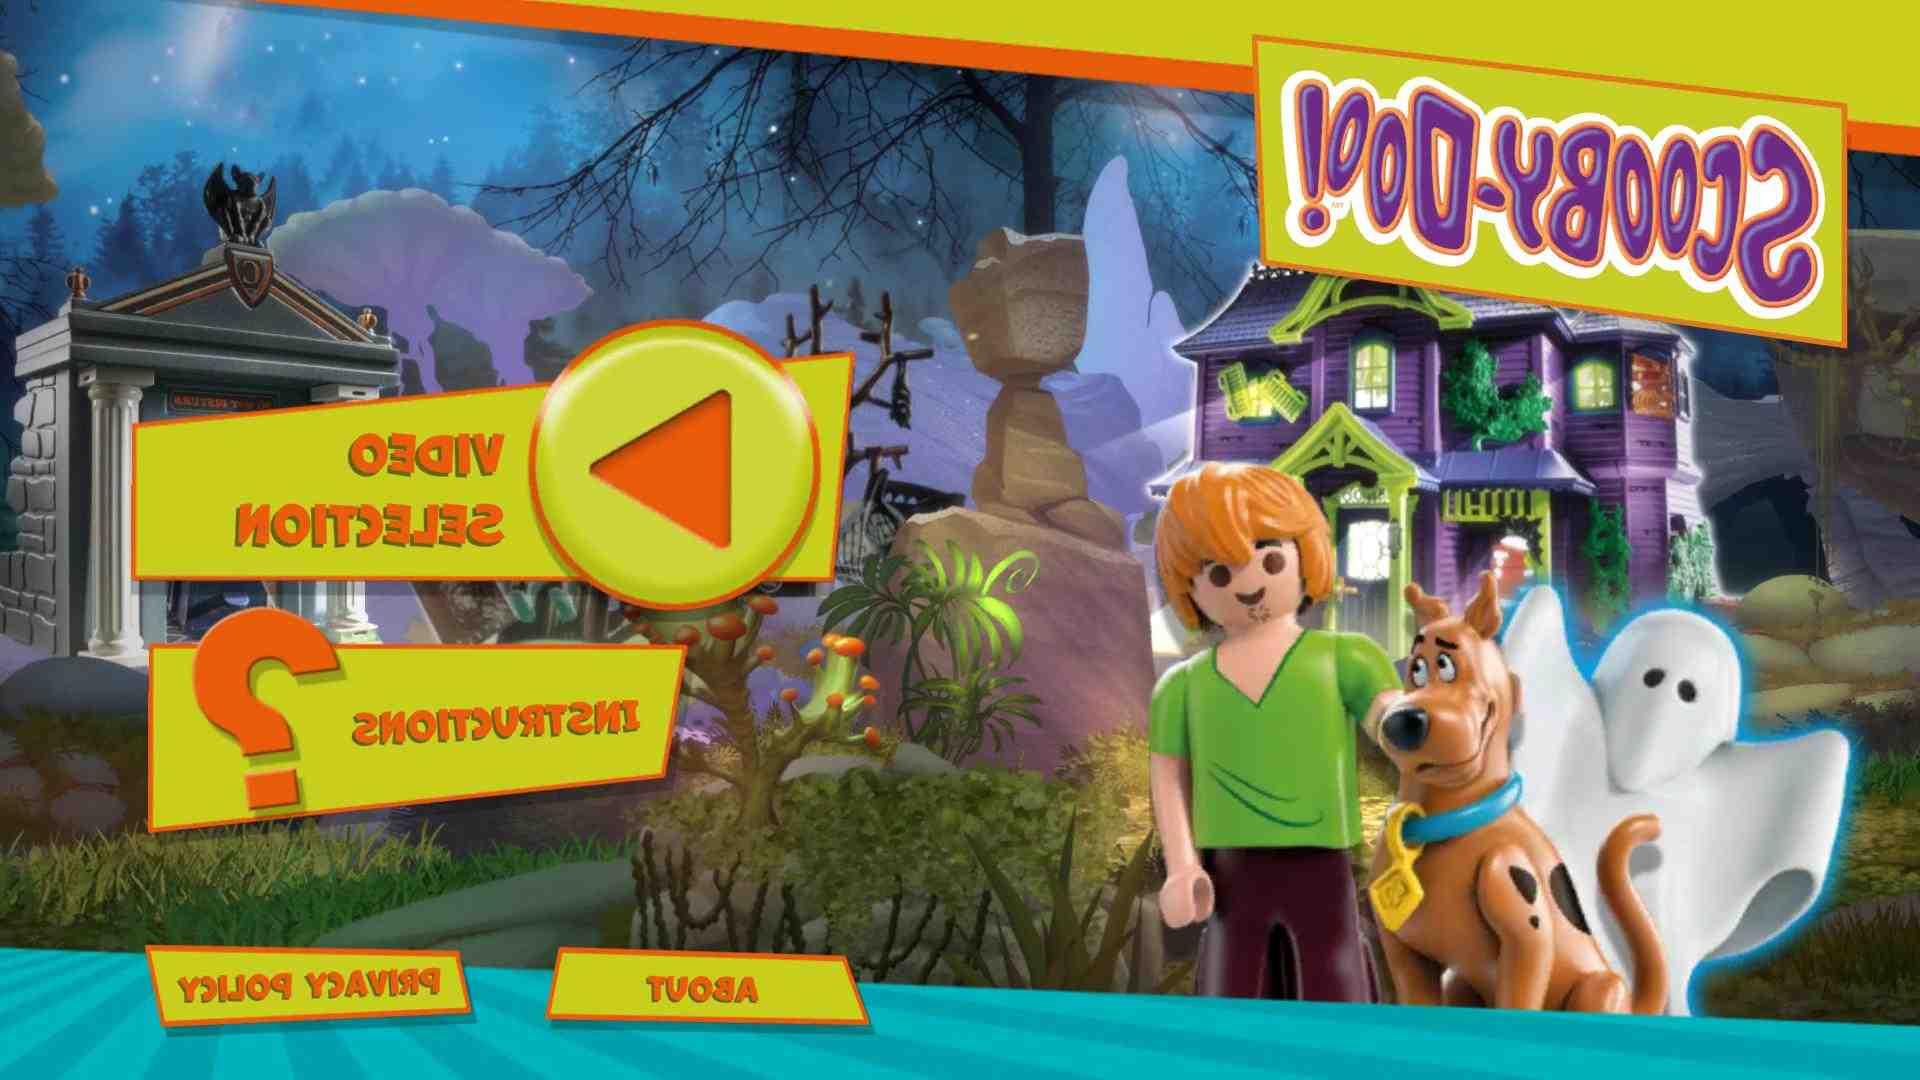 Comment s'appelle le neveu de Scooby-doo ?